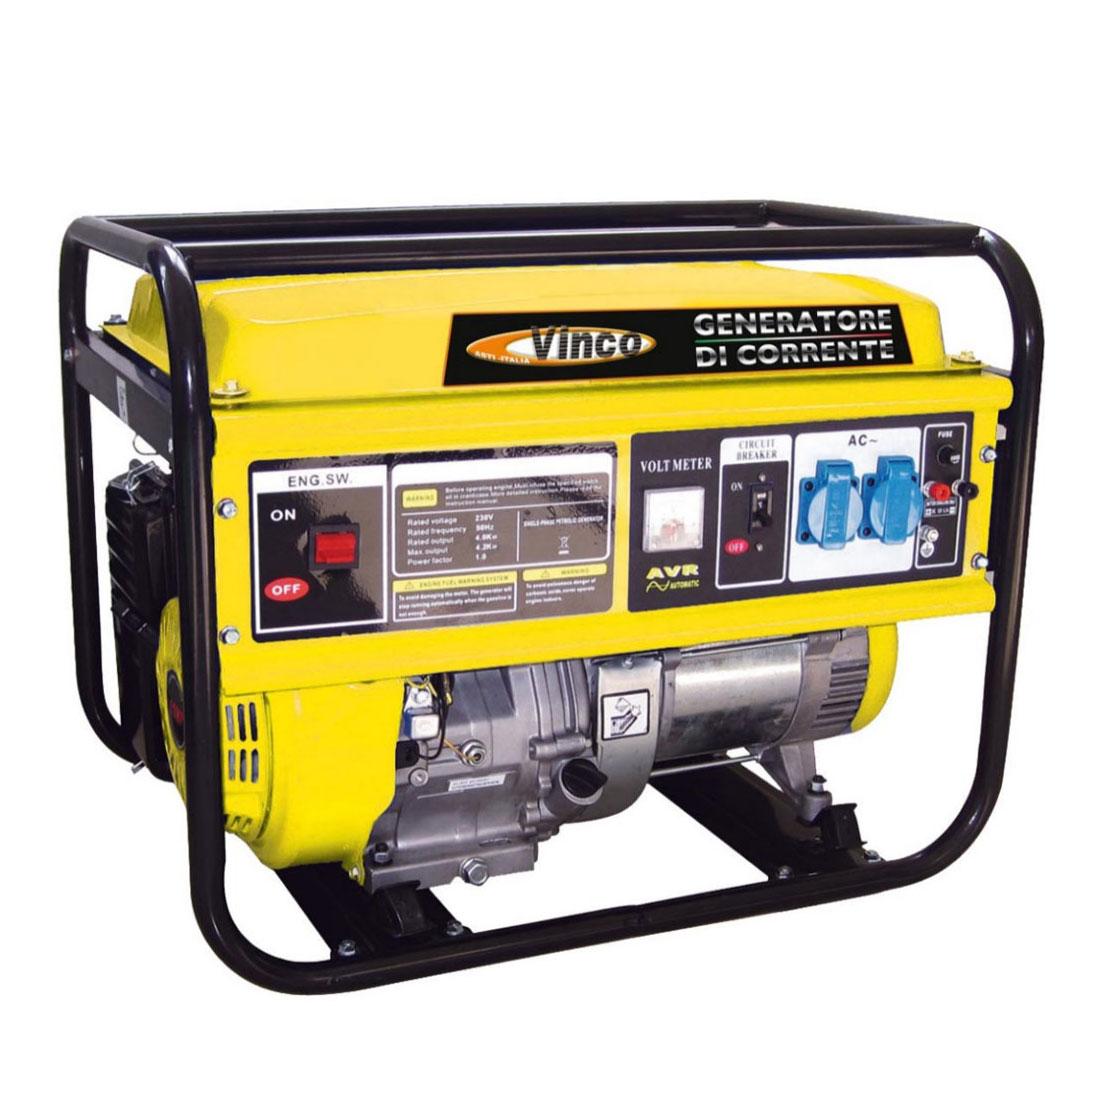 Generatore di corrente 4 0 kw vinco bdl5000 ebay for Generatore di corrente 10 kw